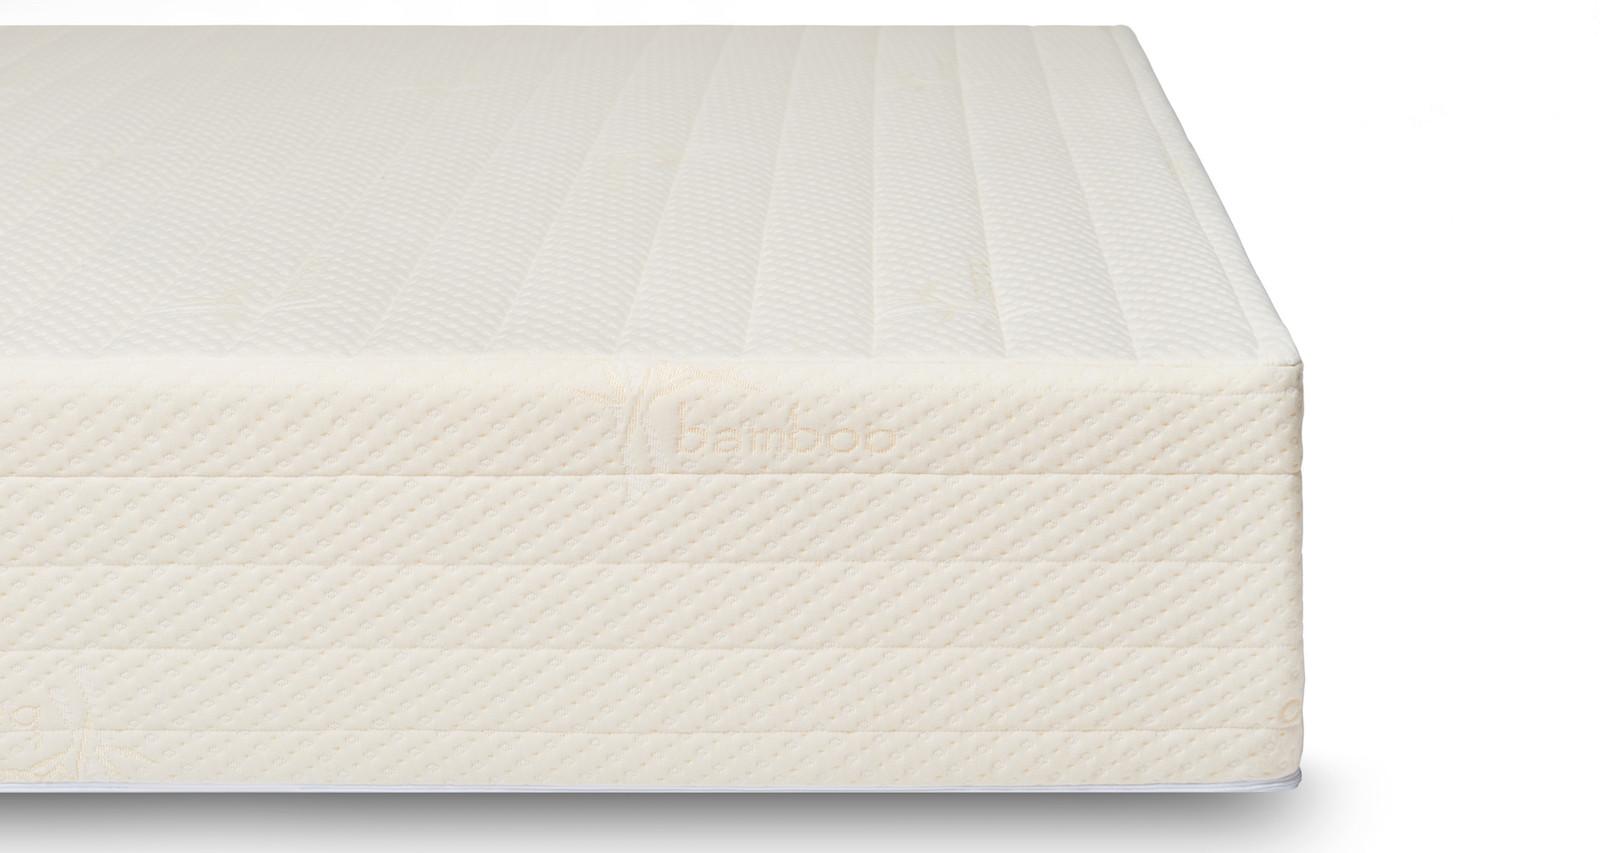 Brentwood Home Bamboo Gel 11 Memory Foam Mattress, girl on the mattress, brentwood mattress reviews